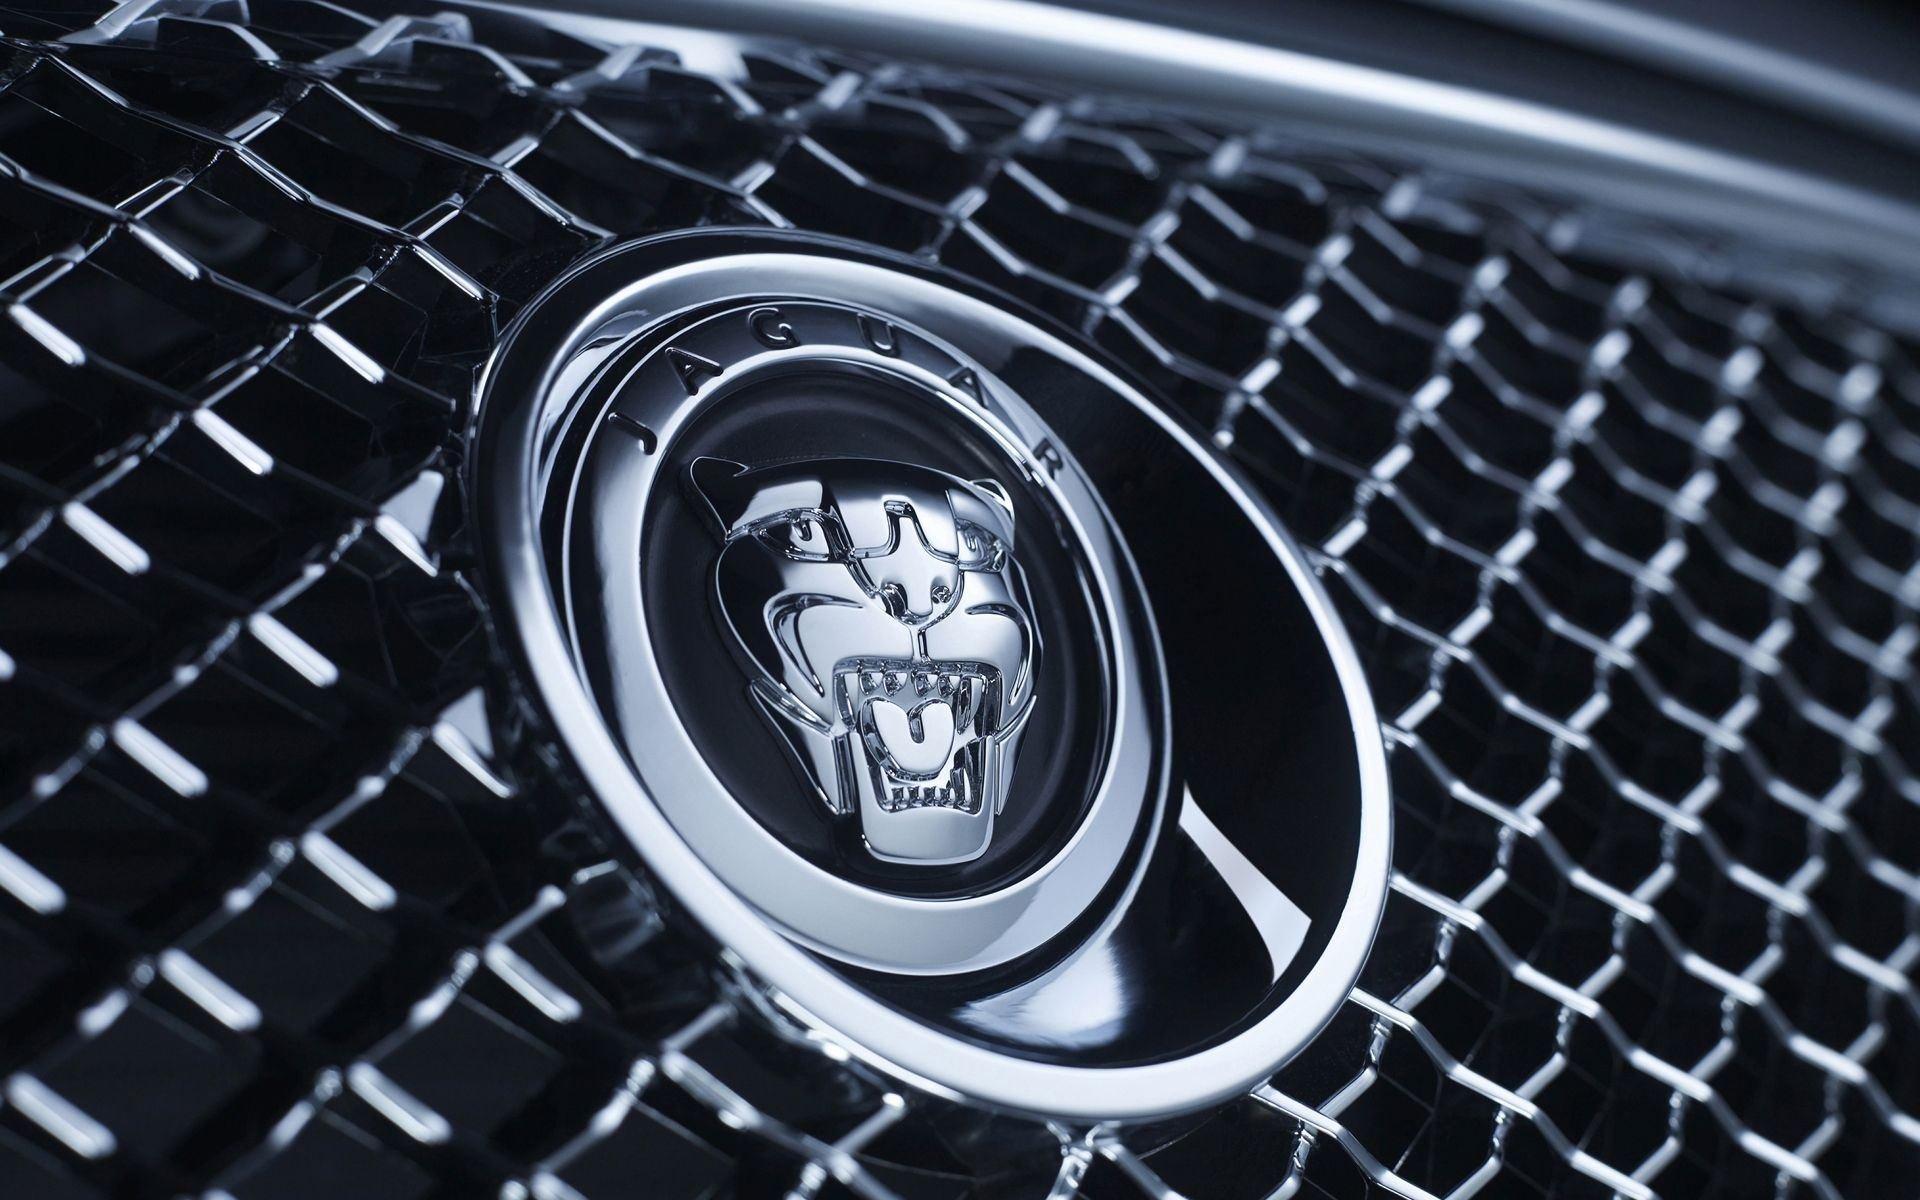 Wallpaper download jaguar - Car Logos Wallpapers Wallpaper Cave